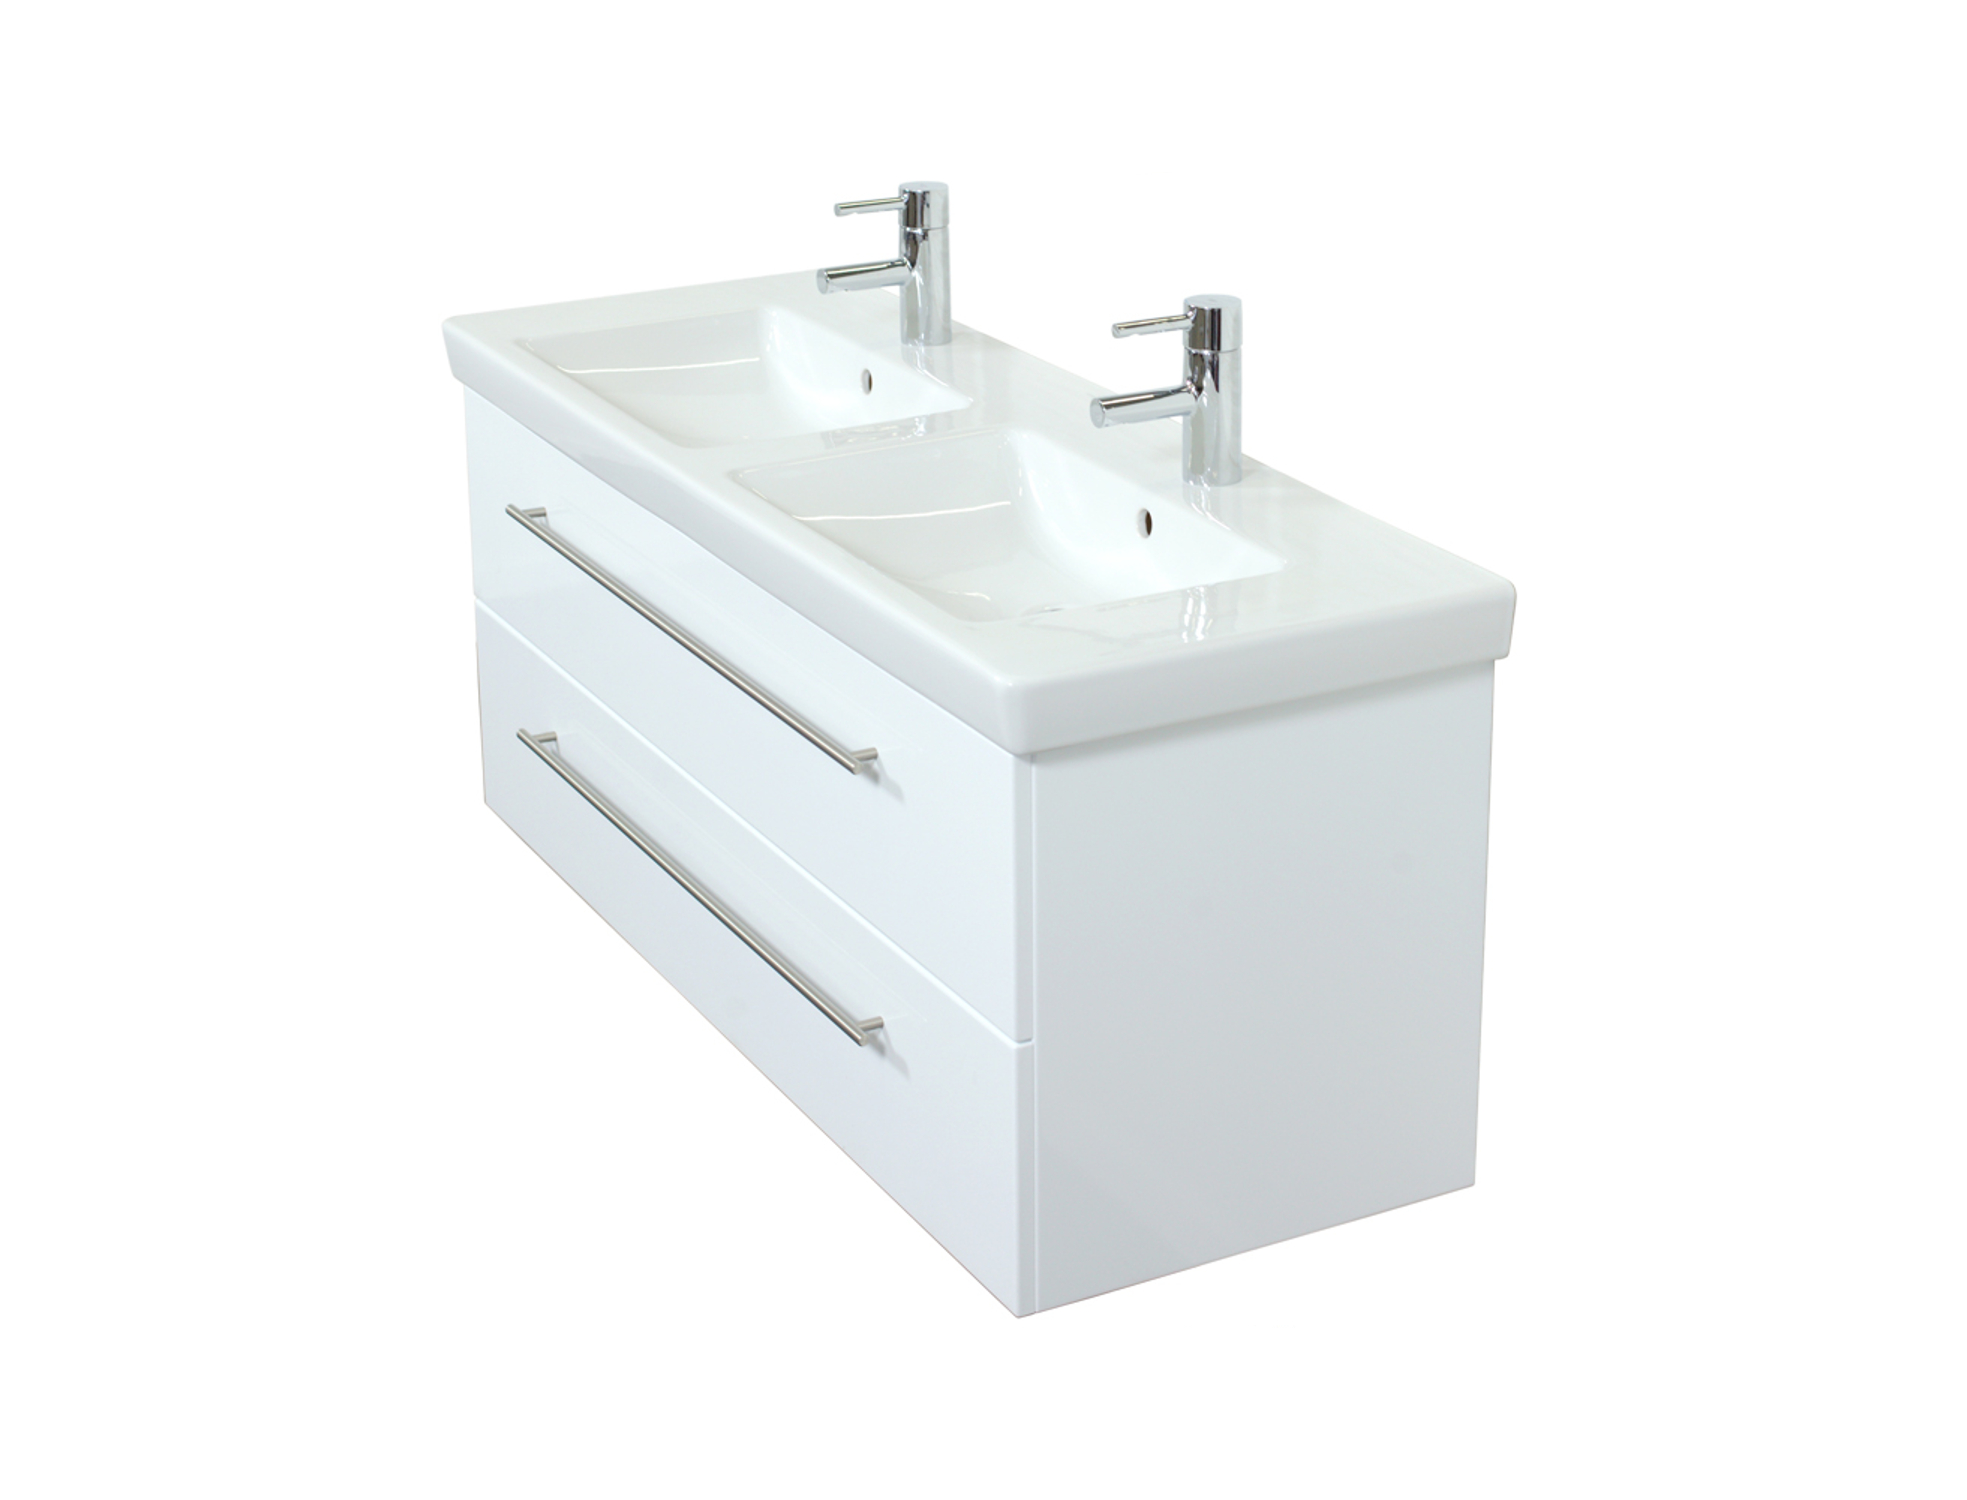 Bad-Waschtisch mit Villeroy & Boch Becken Subway 2.0 - 130 cm breit - Weiß